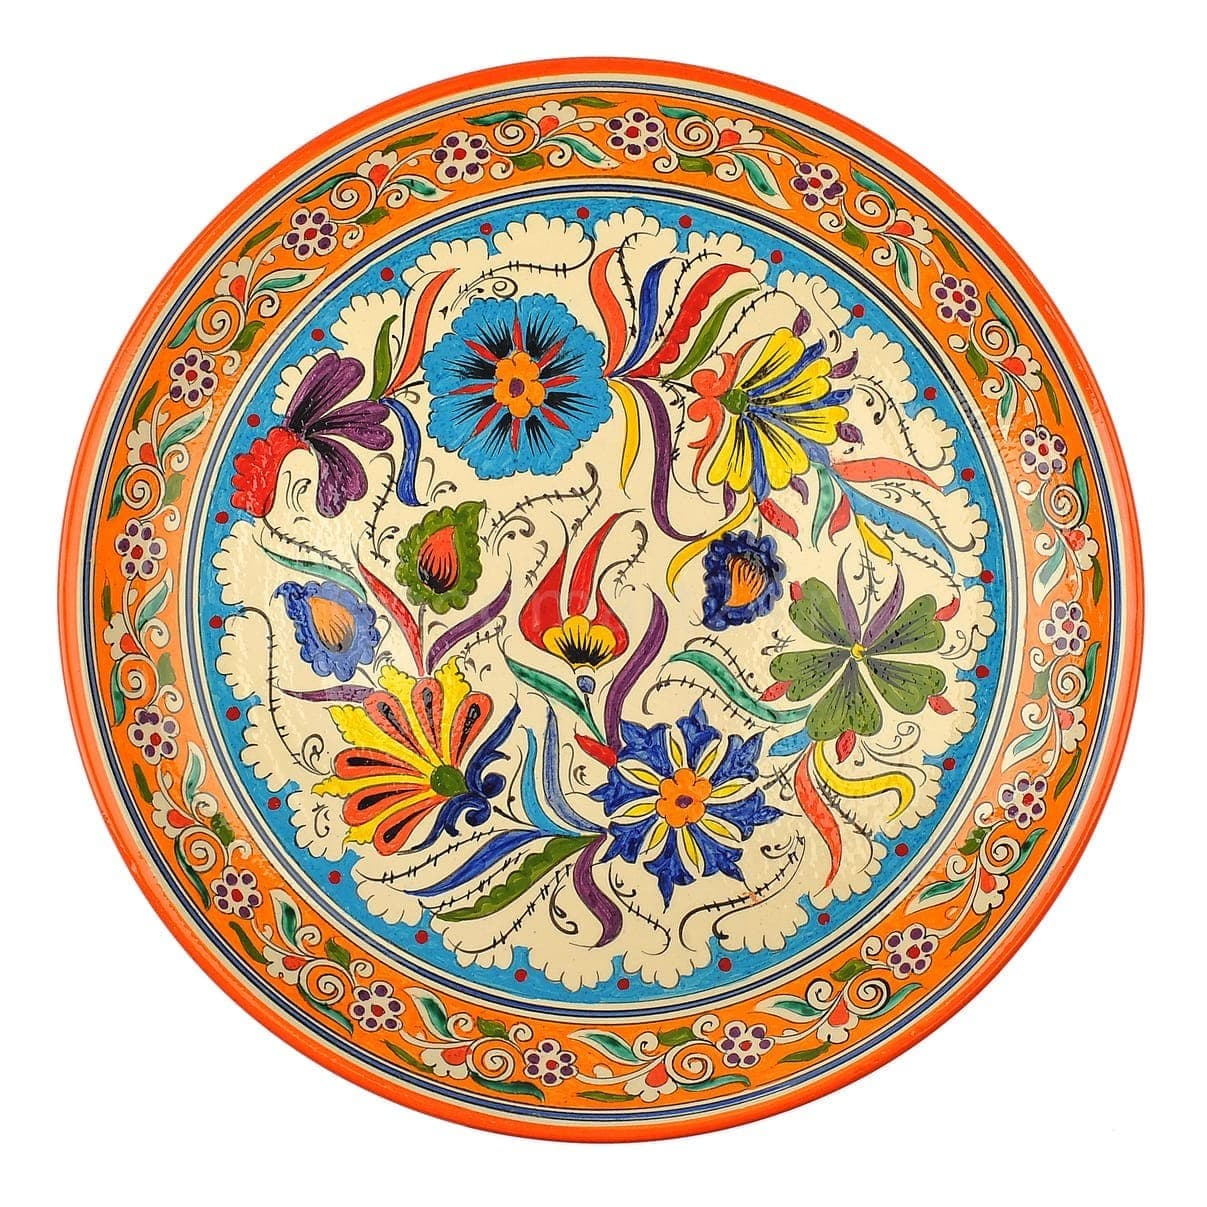 Ляган Риштанская Керамика 38 см. плоский, Турецкий - фото 9454